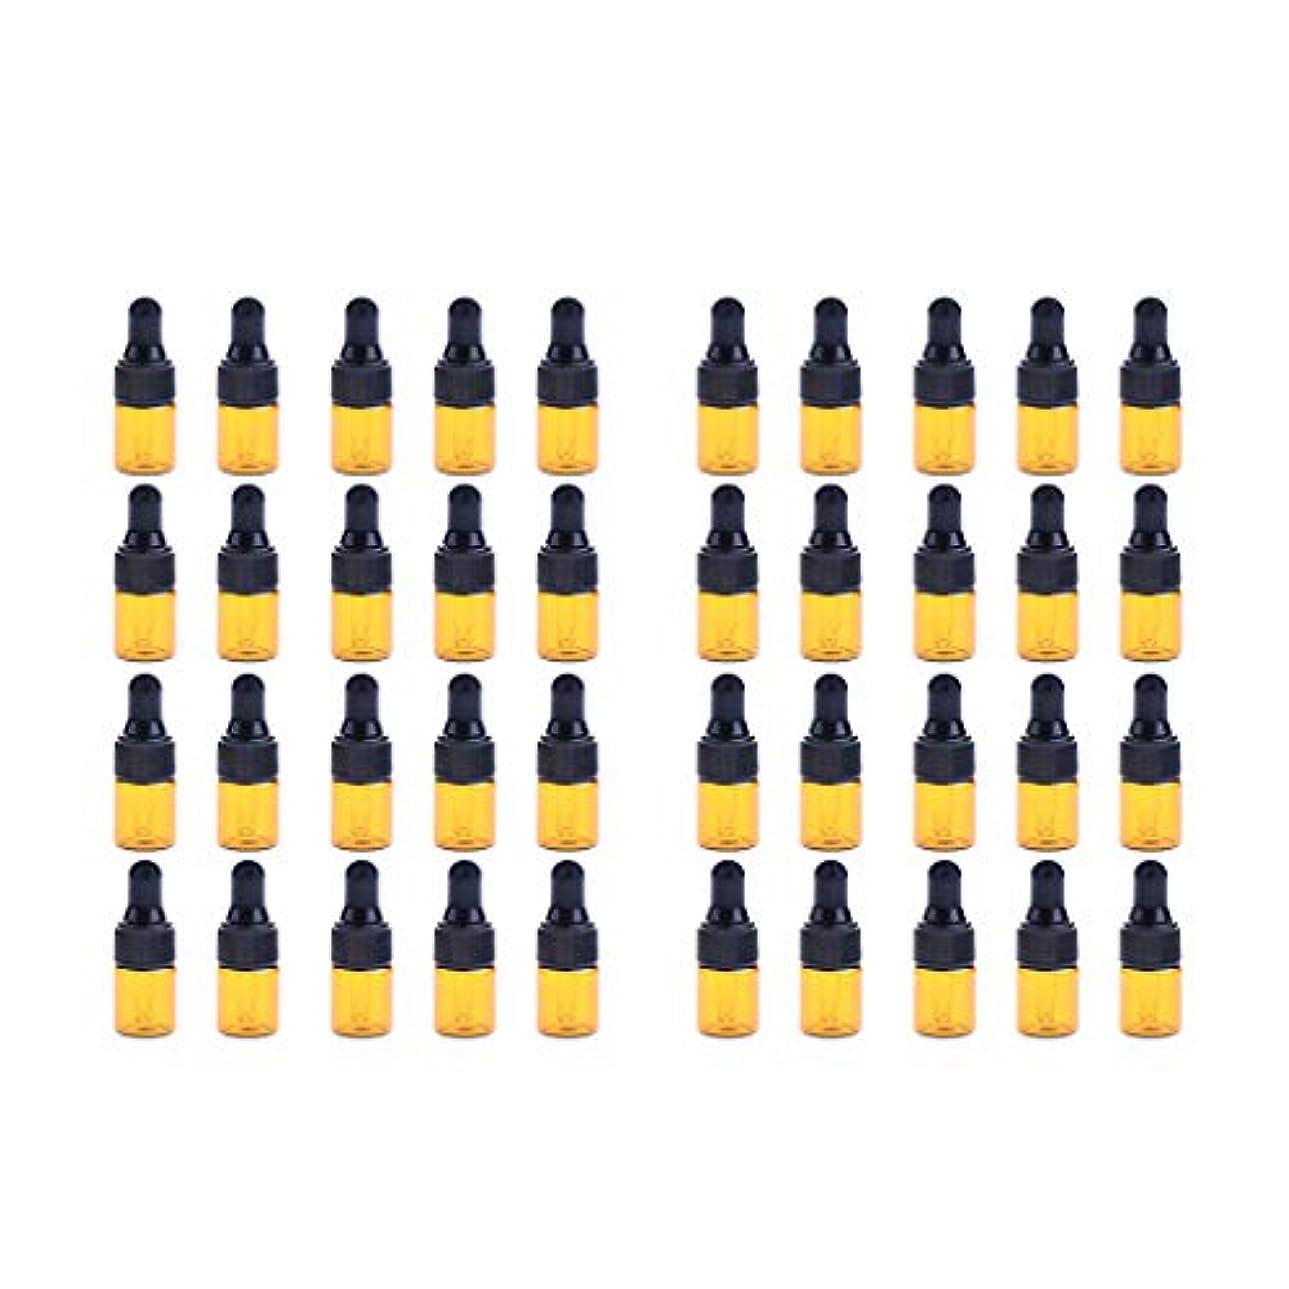 遅らせる敵対的削除するFenteer ドロッパーボトル 精油 ミニサイズ 詰め替え可 ガラス スポイトボトル 1ml /2ml 40個入